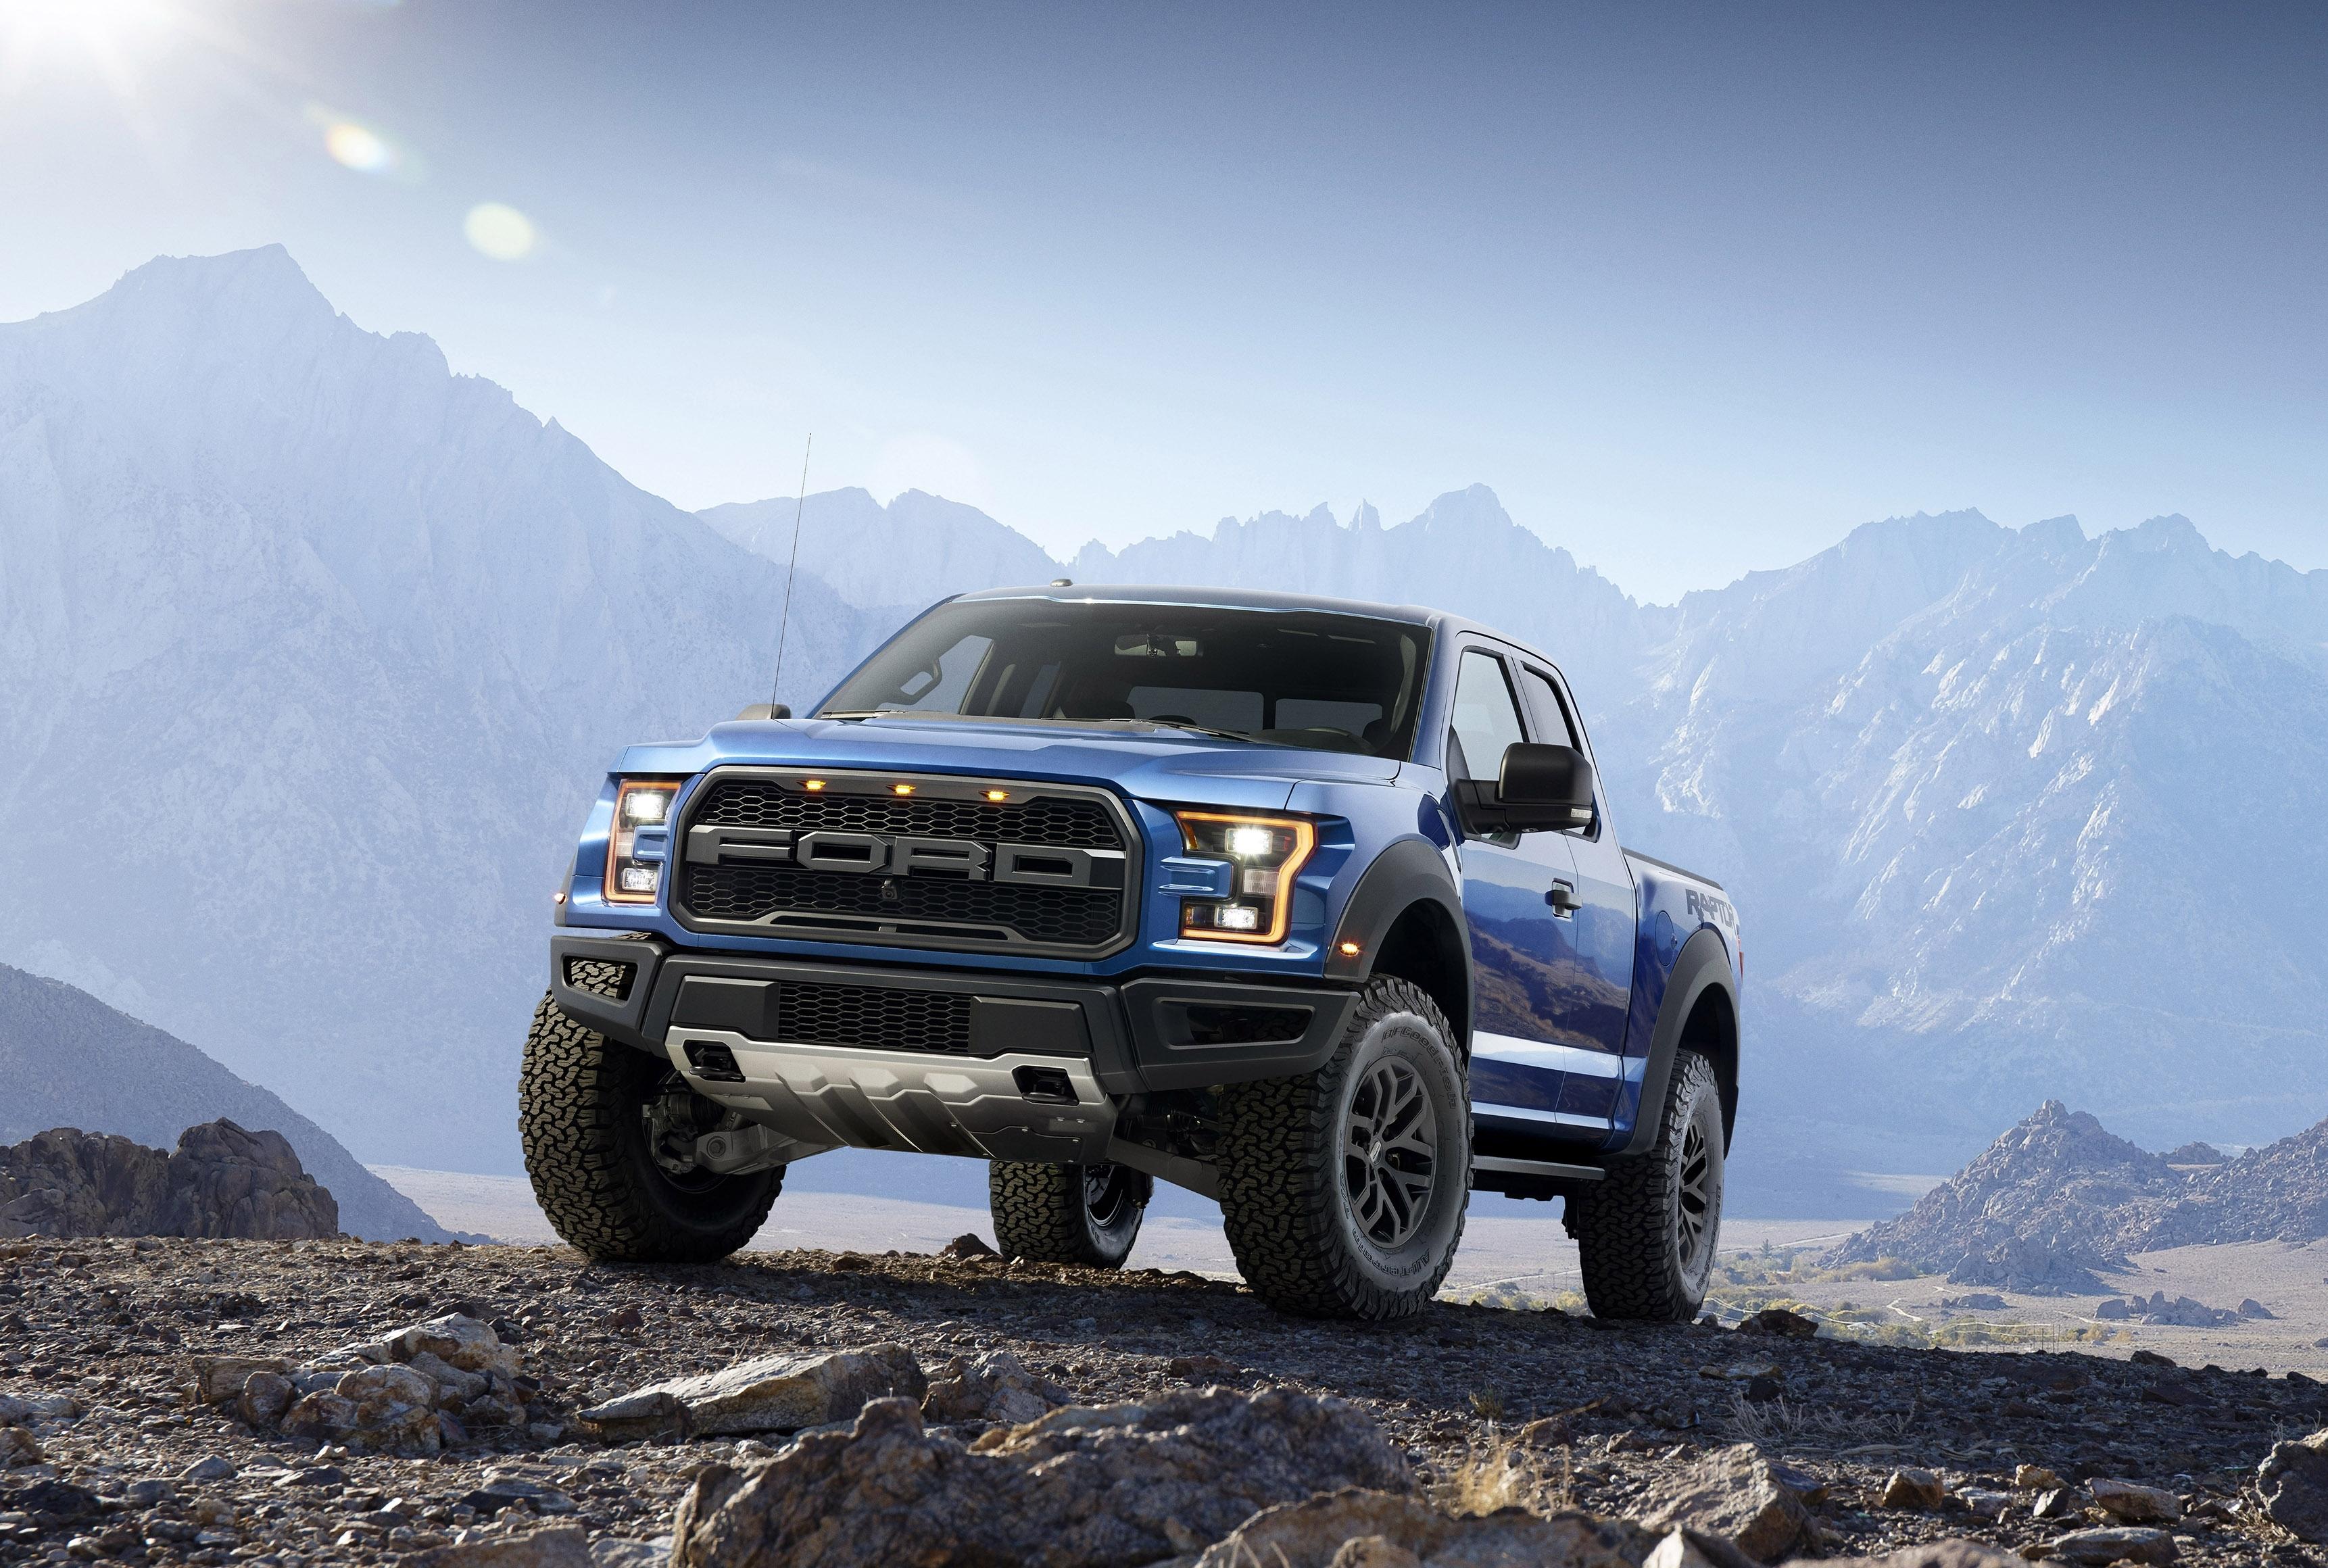 114371 Hintergrundbild herunterladen Stones, Ford, Cars, Abholen, Pickup, F-150, Raubvogel, Raptor - Bildschirmschoner und Bilder kostenlos